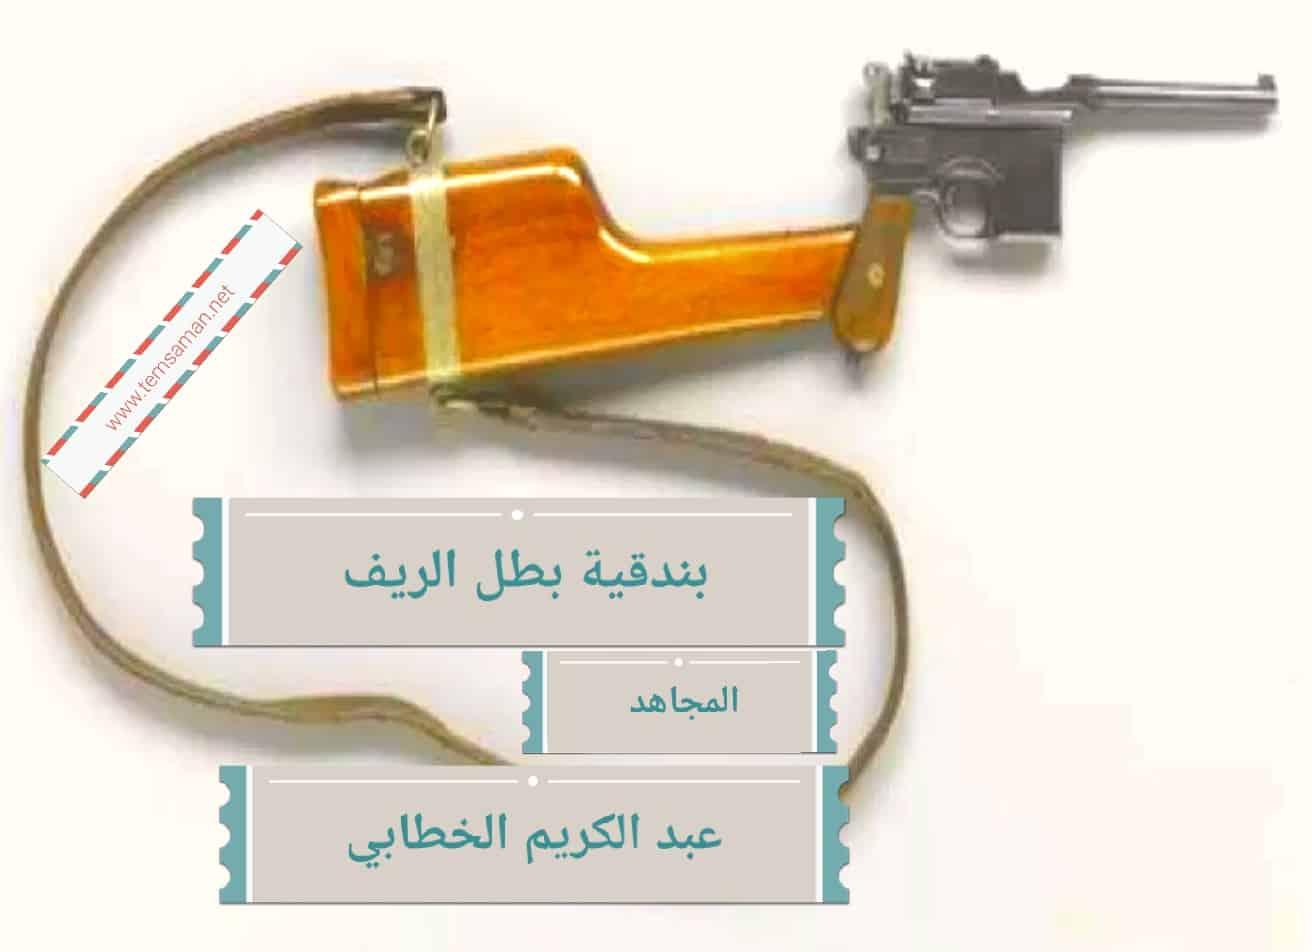 مسدس عبد الكريم الخطابي